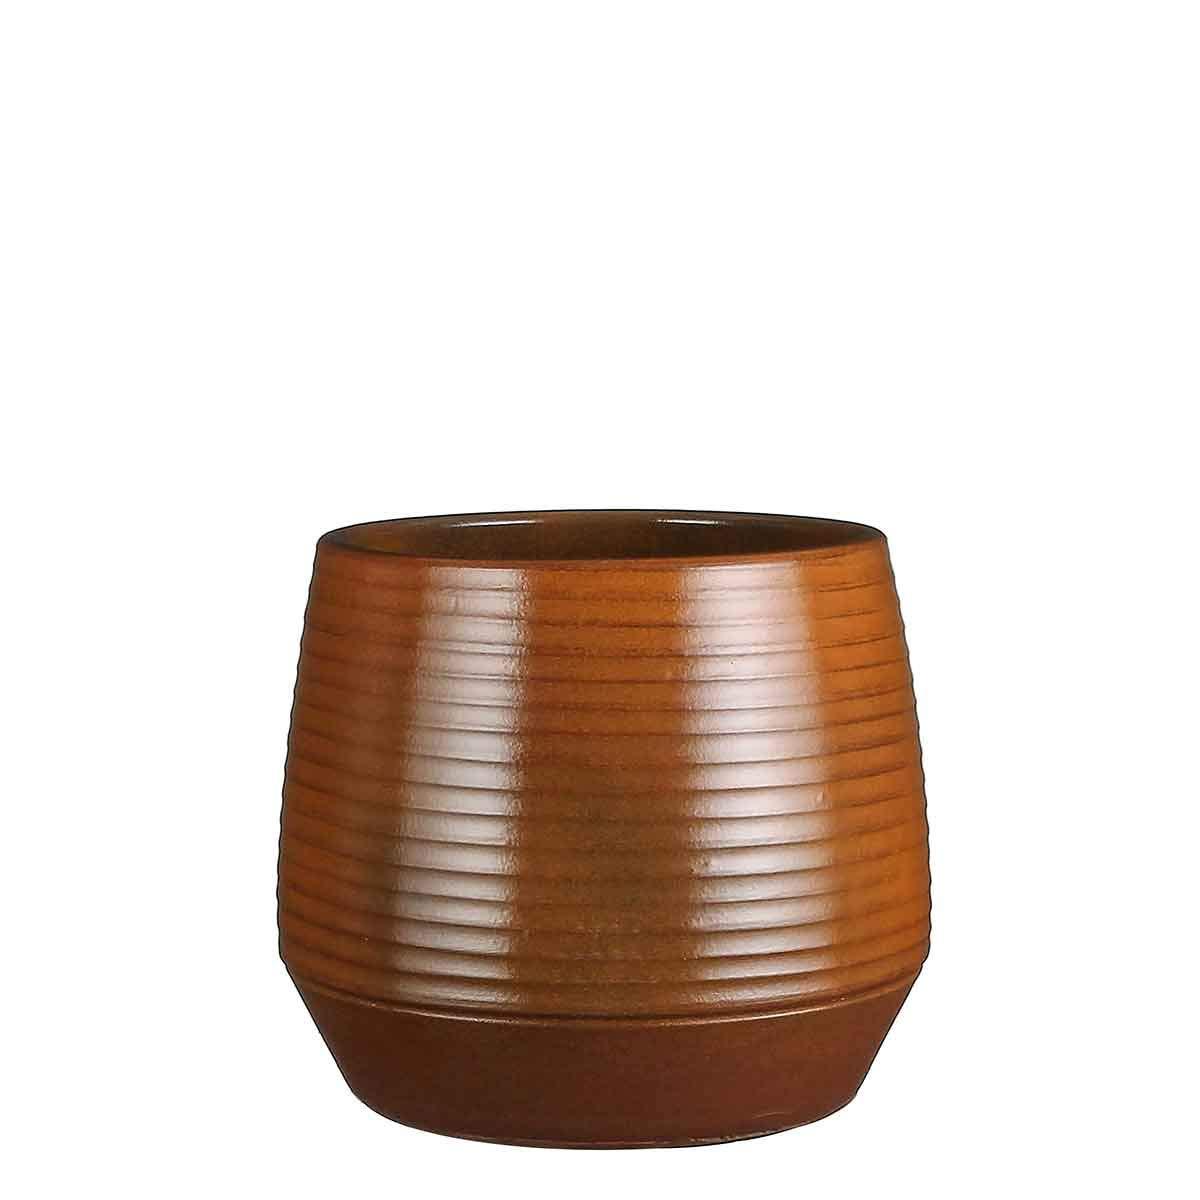 elho planteur corsica facile /à accrocher simple taupe 19.4 x 27.1 x 25.9 cm